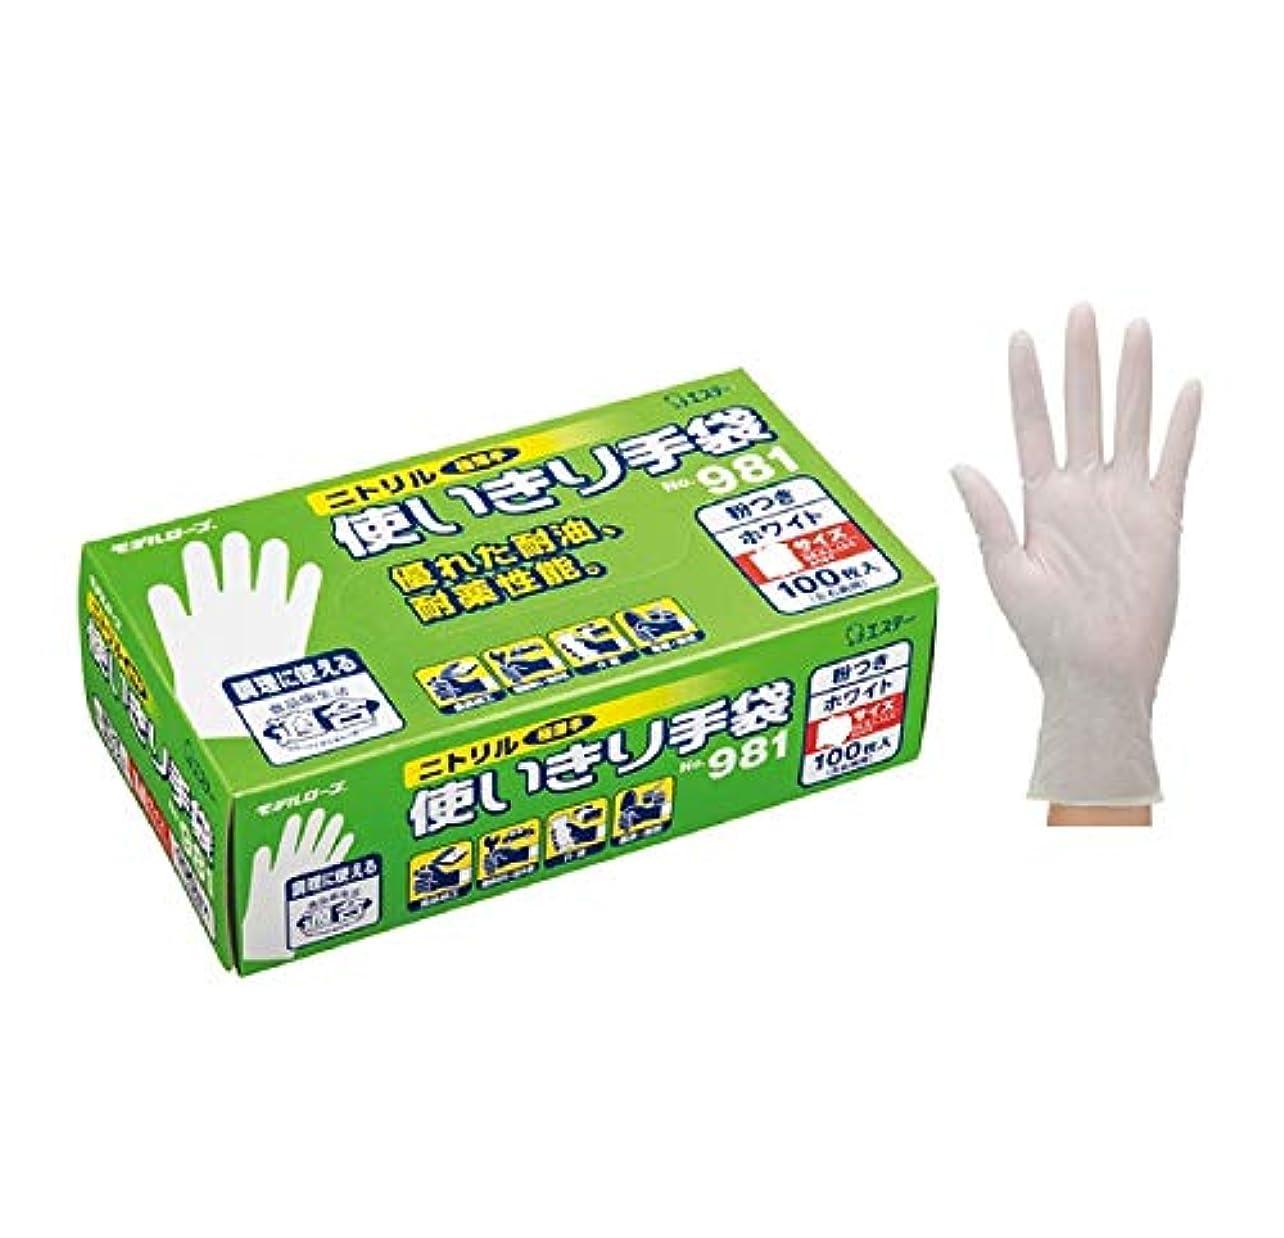 ビーム温かい人類インテリア 日用雑貨 掃除用品 ニトリル手袋 粉付 No981 S 12箱